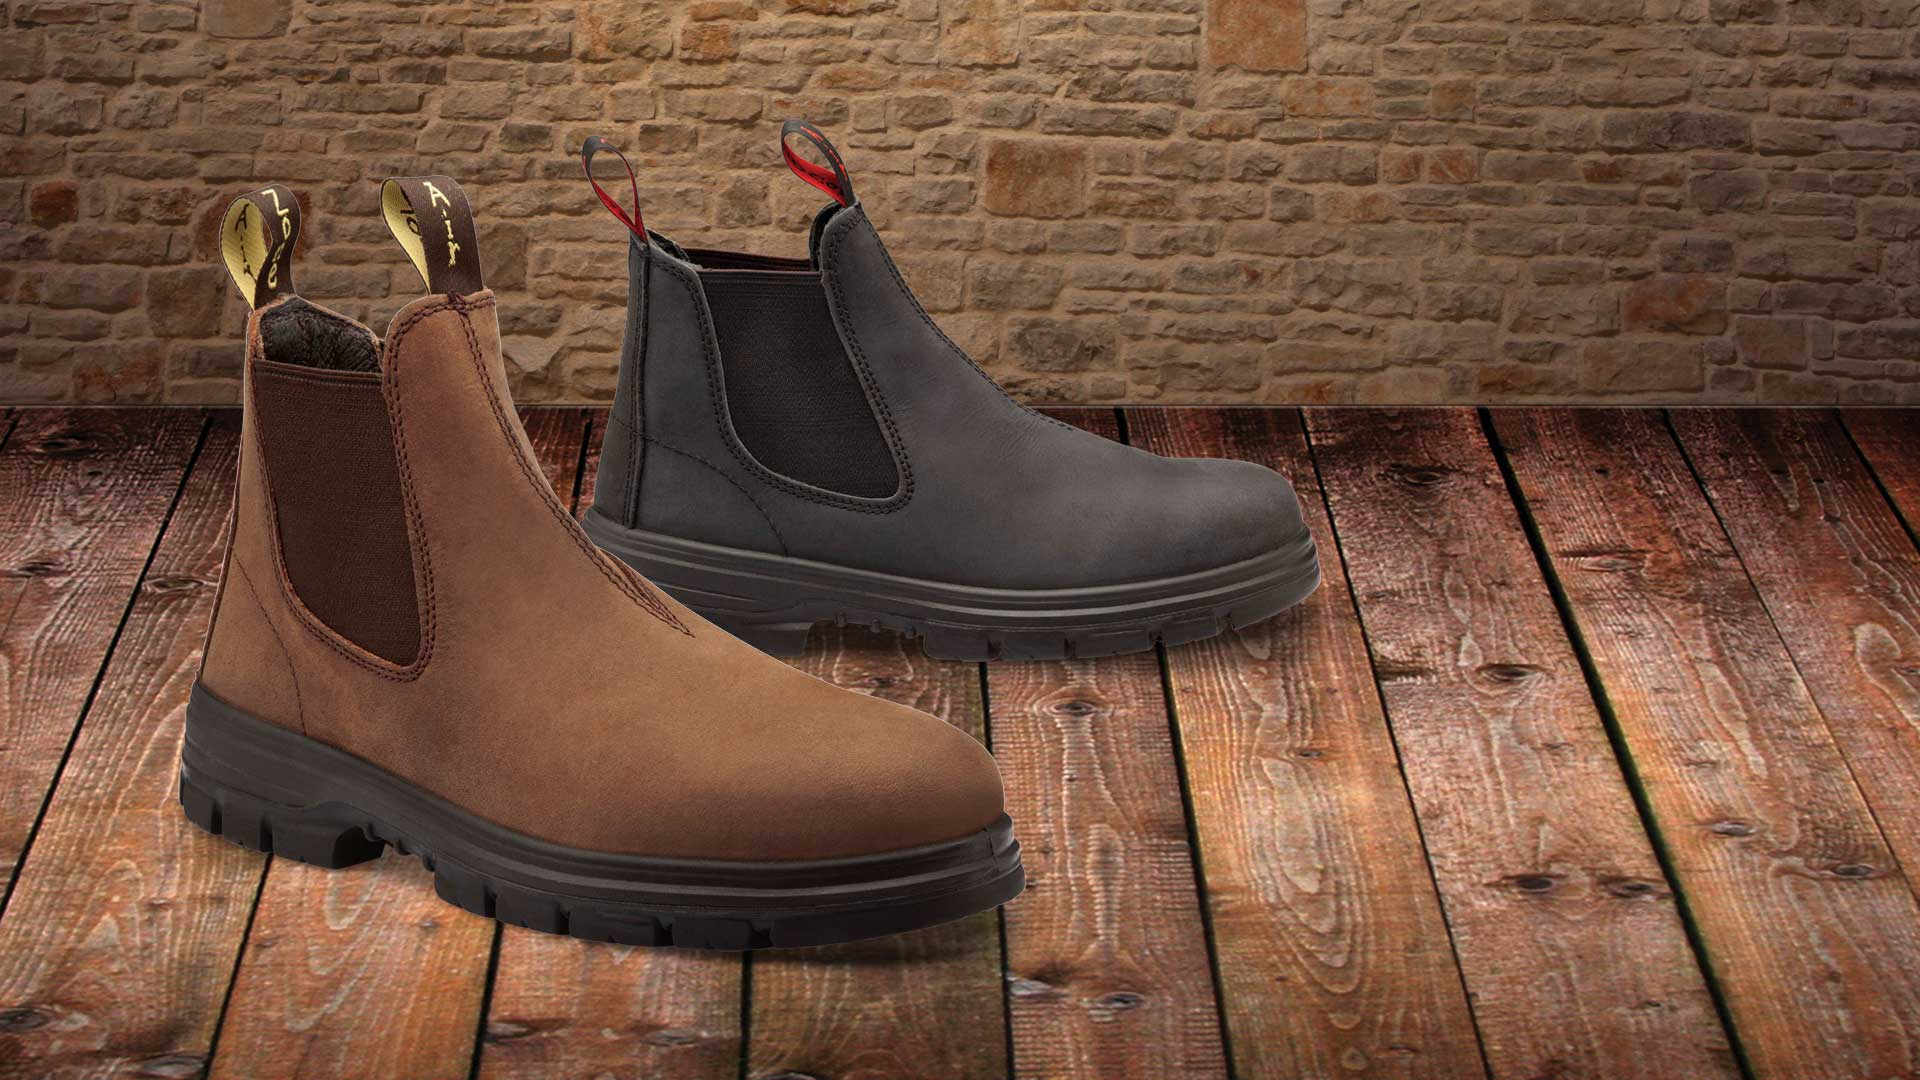 מאוד נגה עינת תעשיות נעליים בע״מ | ברוכים הבאים לאתר של נגה עינת תעשיות AW-54